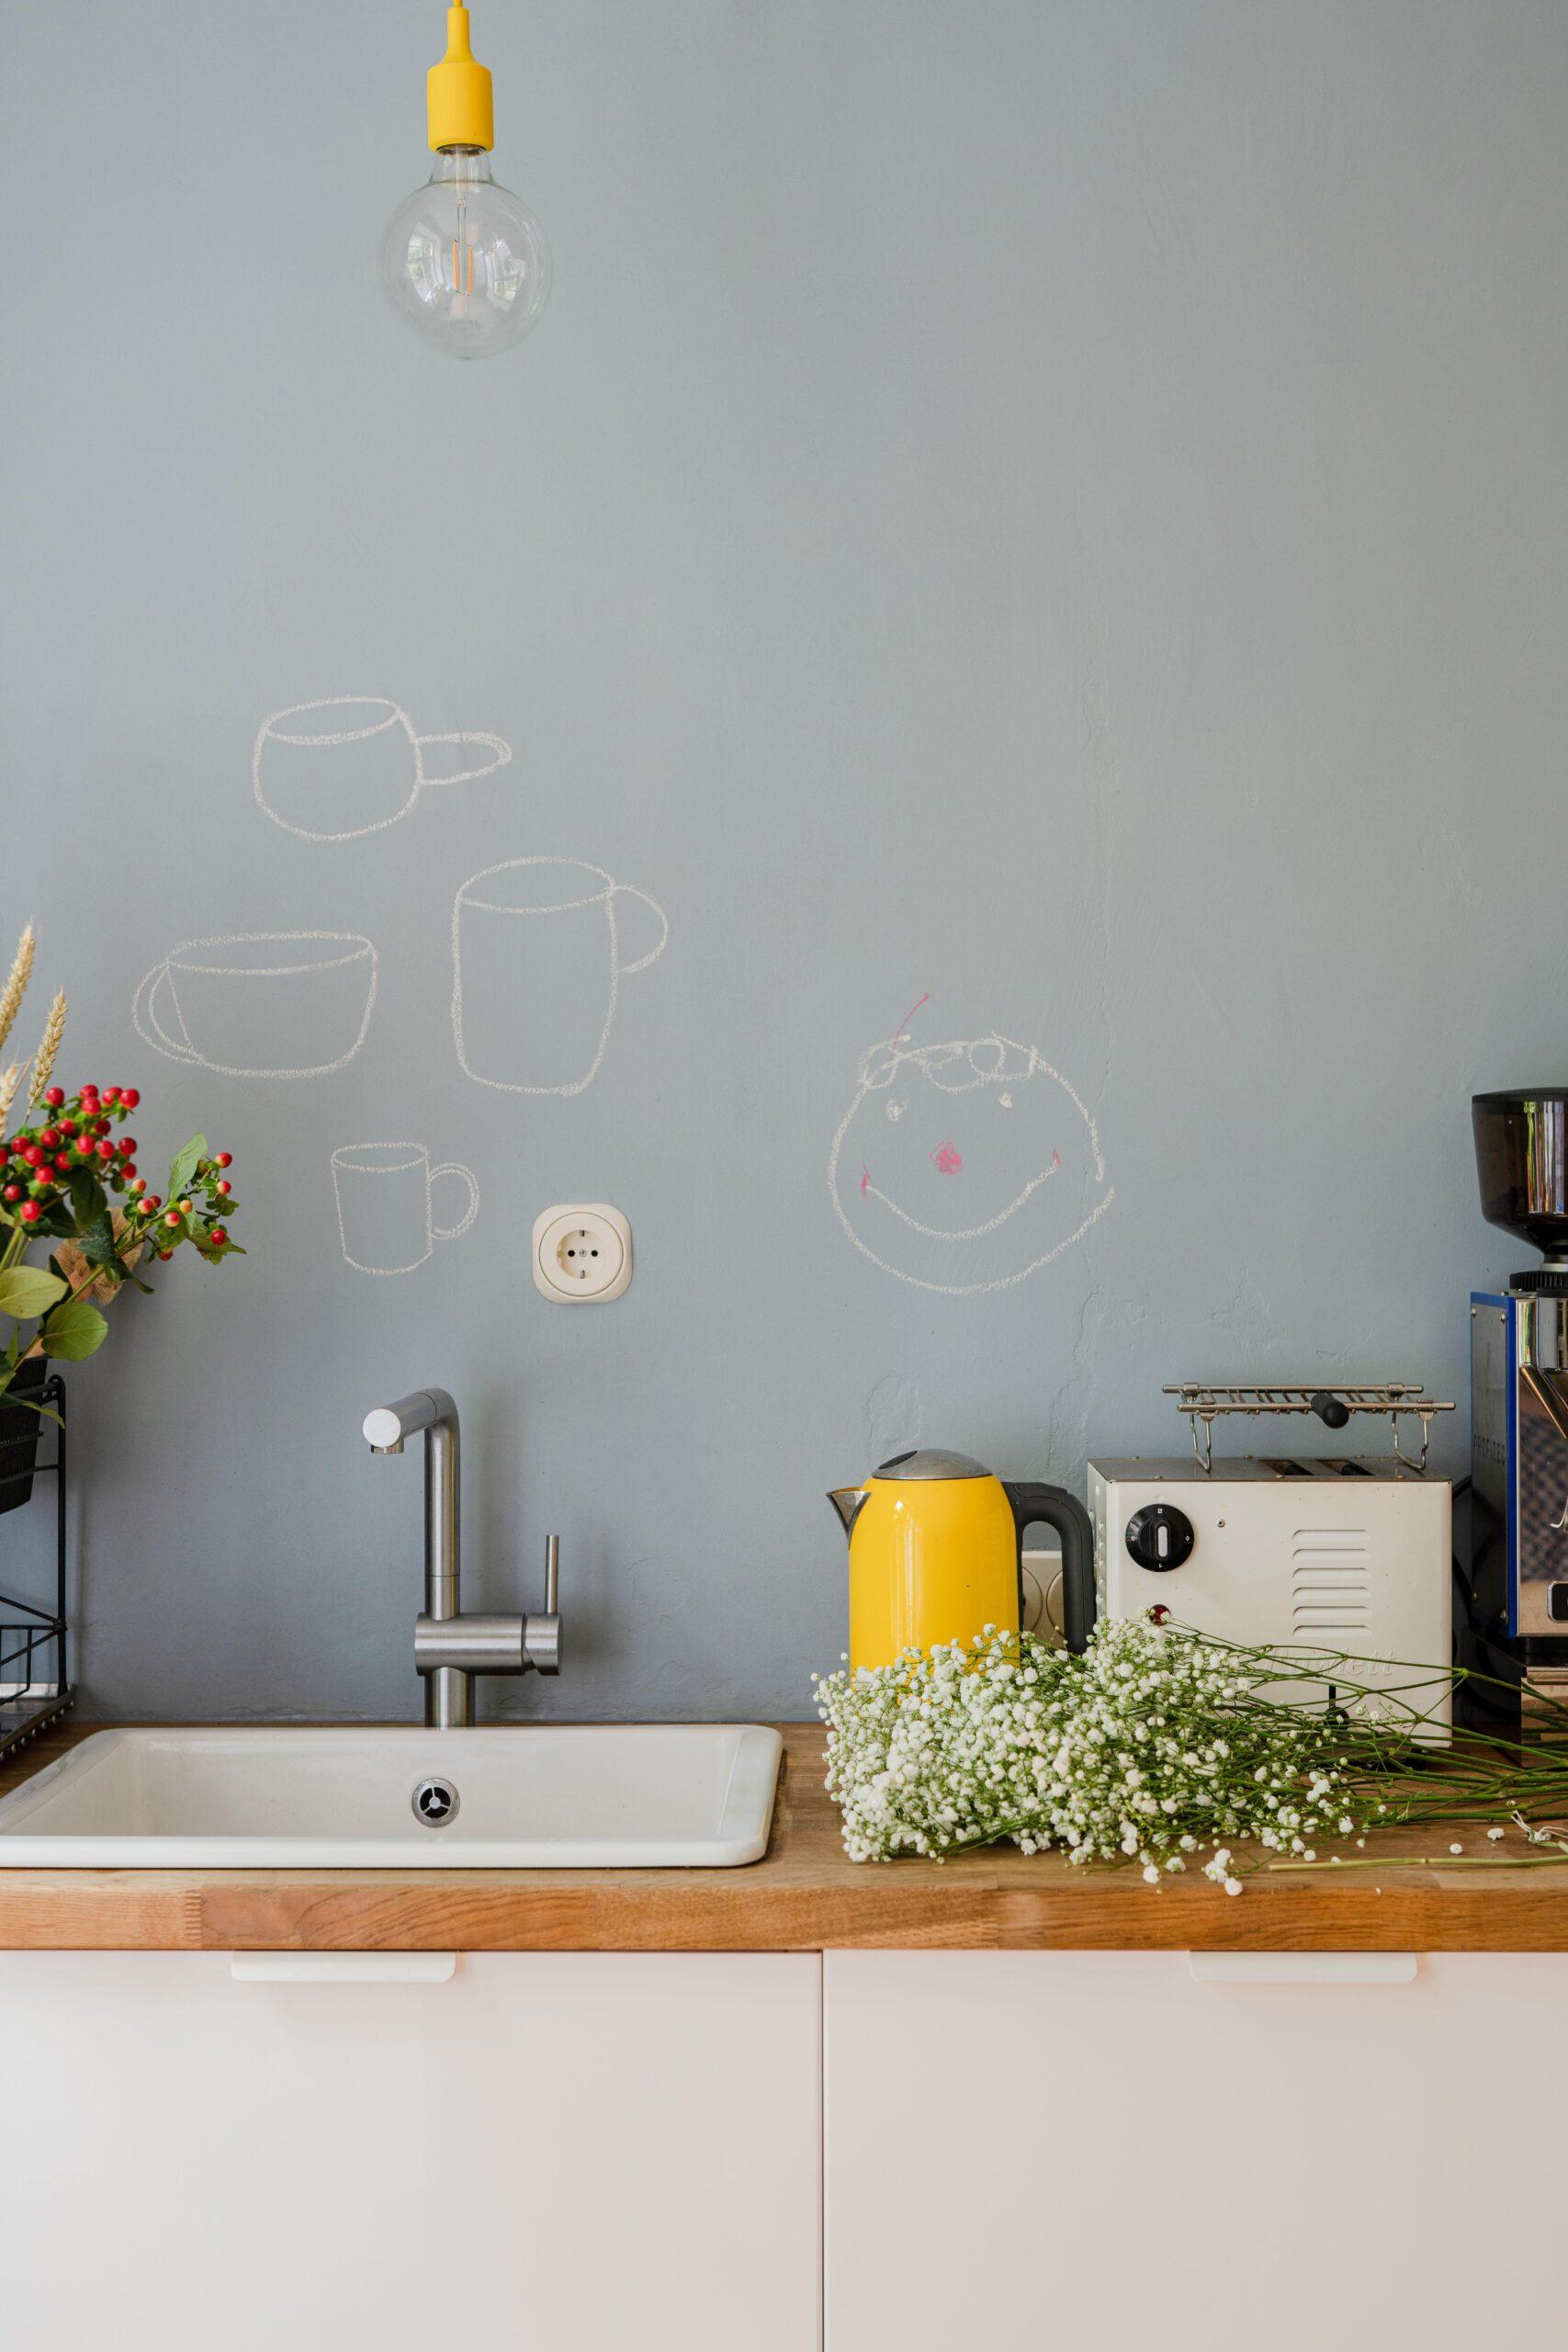 Full Size of Küchenwand Kchenwand Bilder Ideen Couch Wohnzimmer Küchenwand